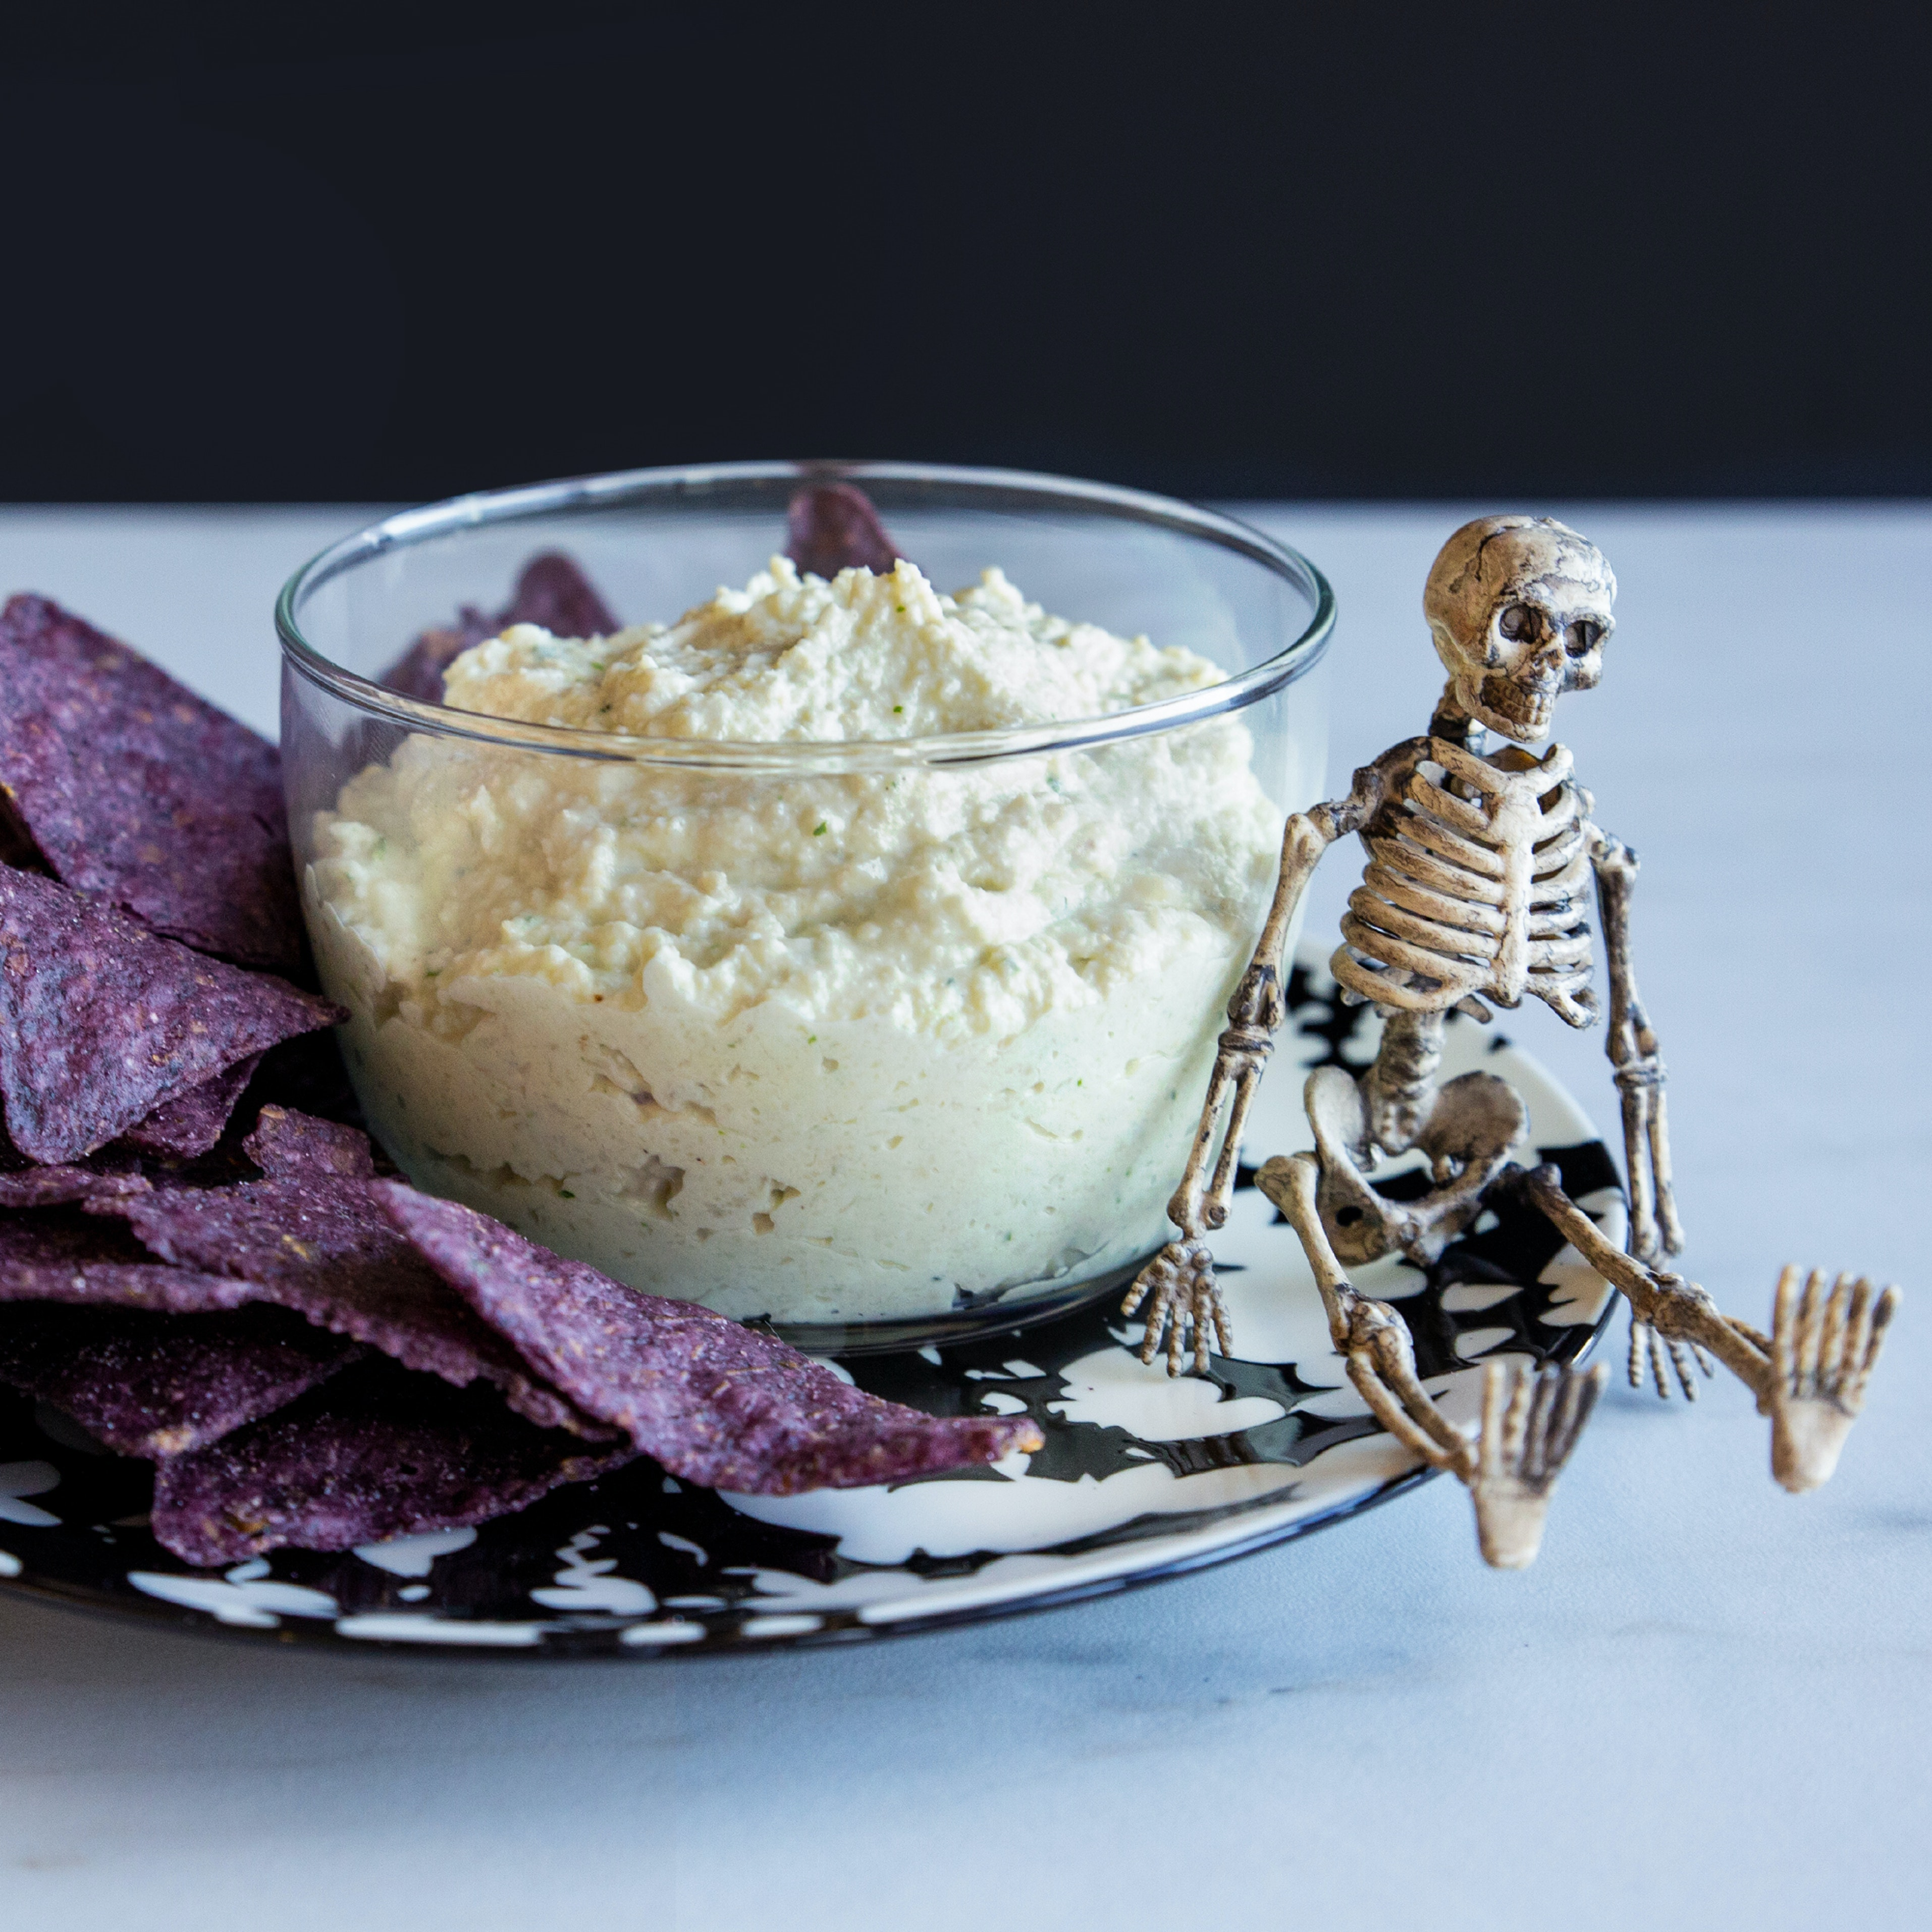 Spooky Herb Roasted Cauliflower Dip